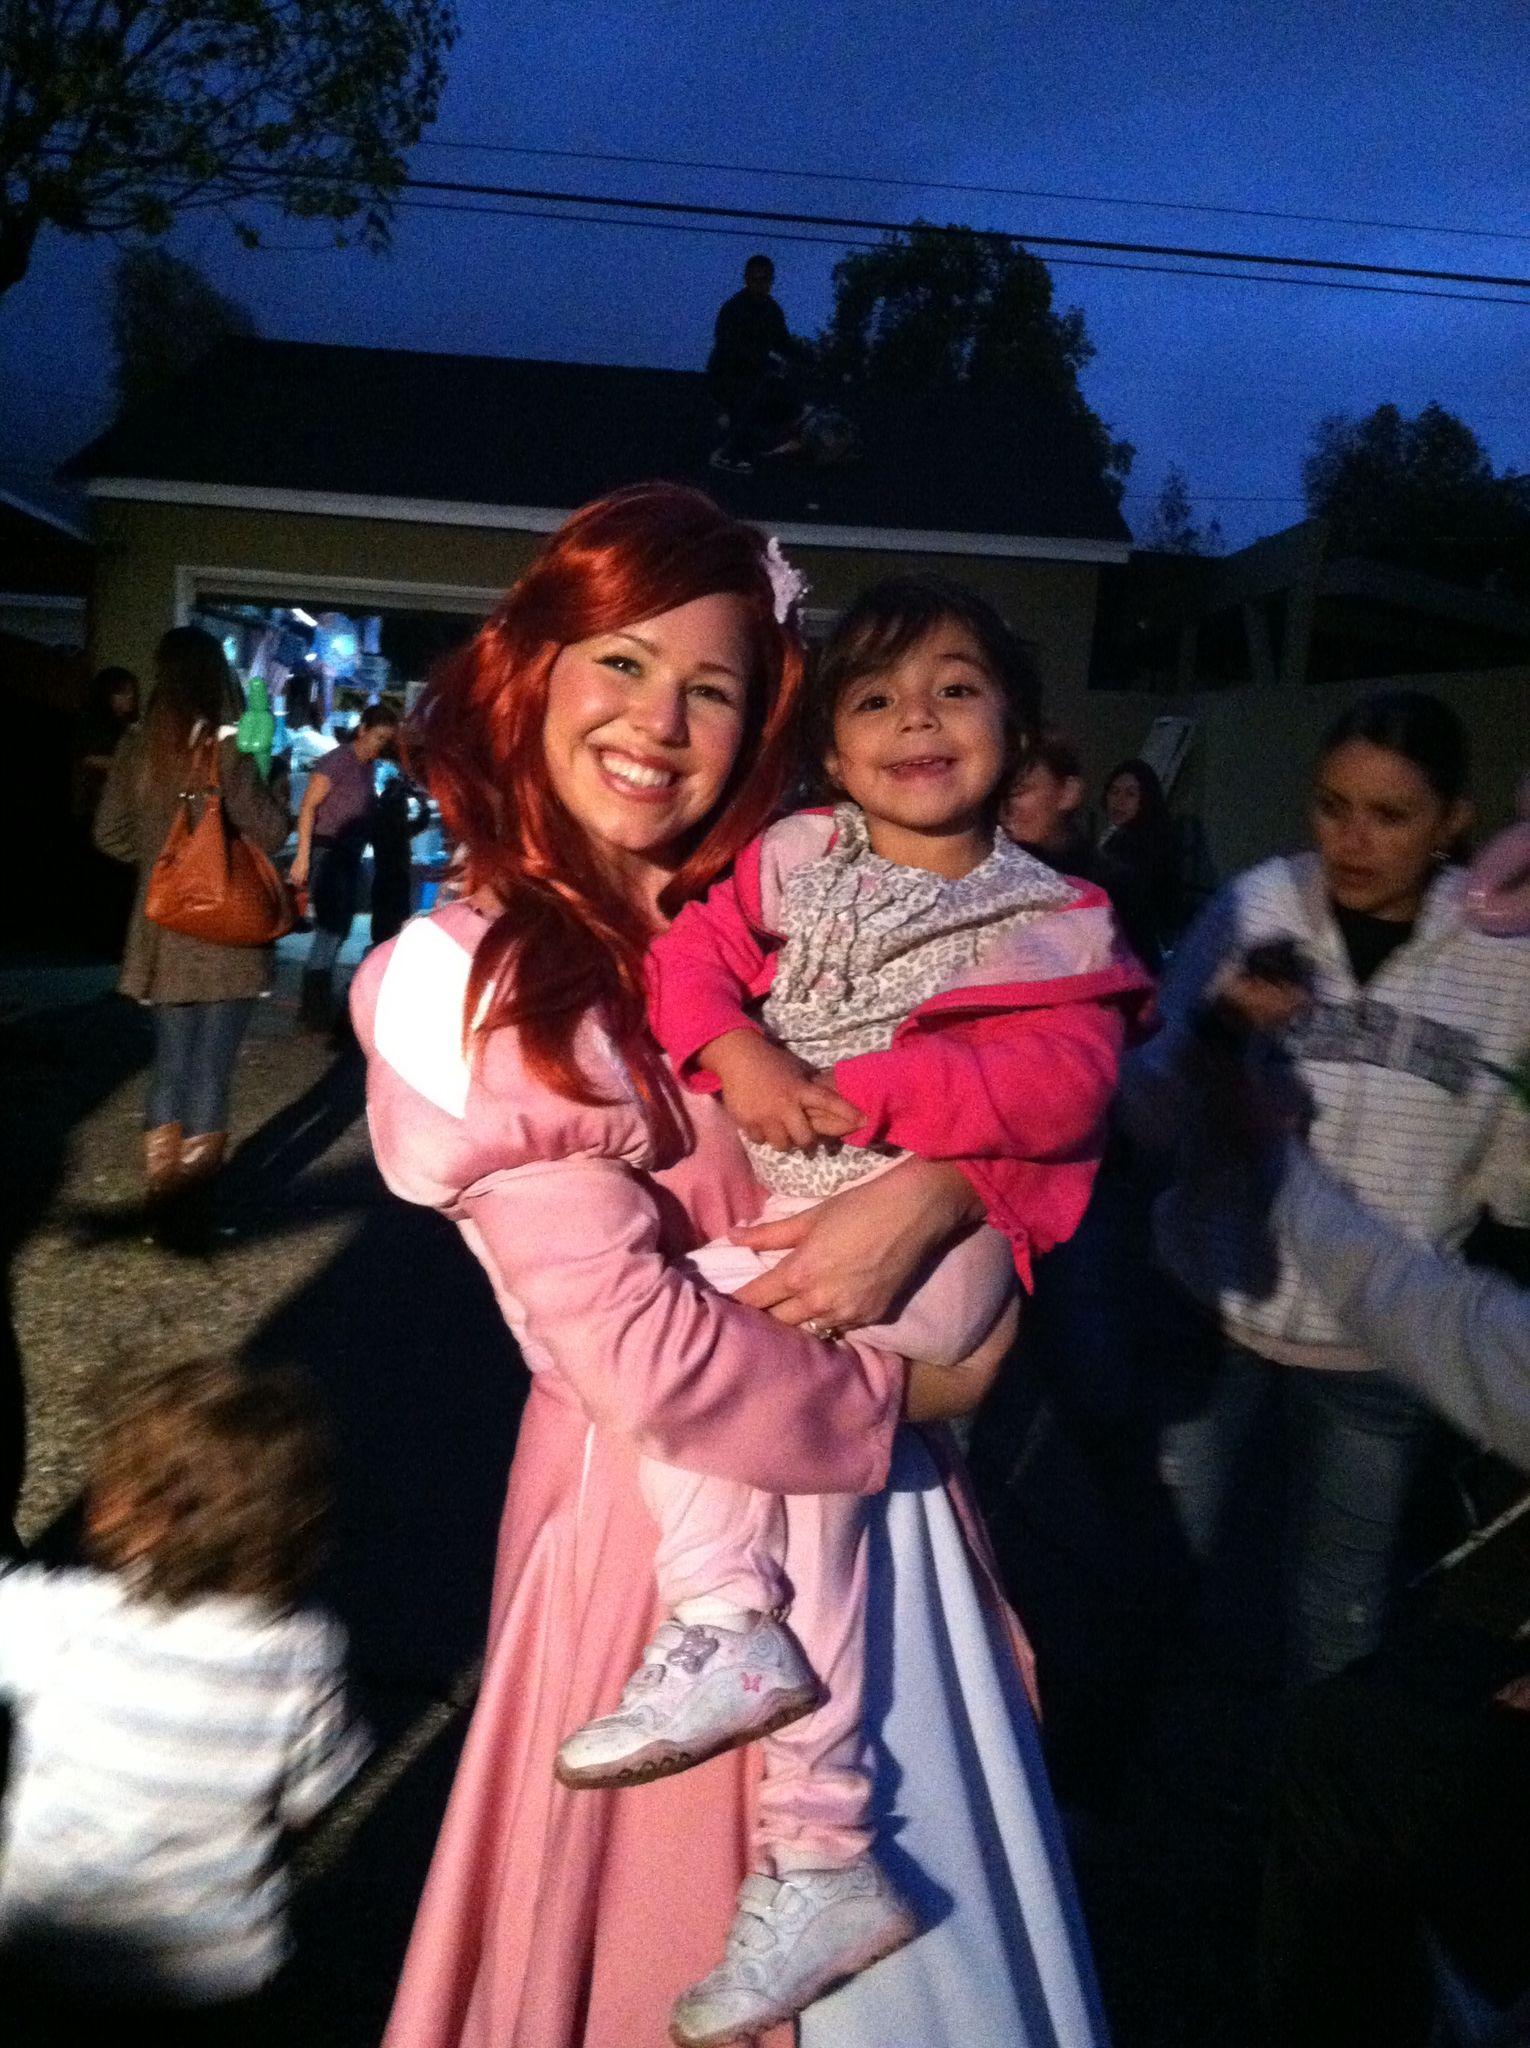 Ariel party ariel party party princess